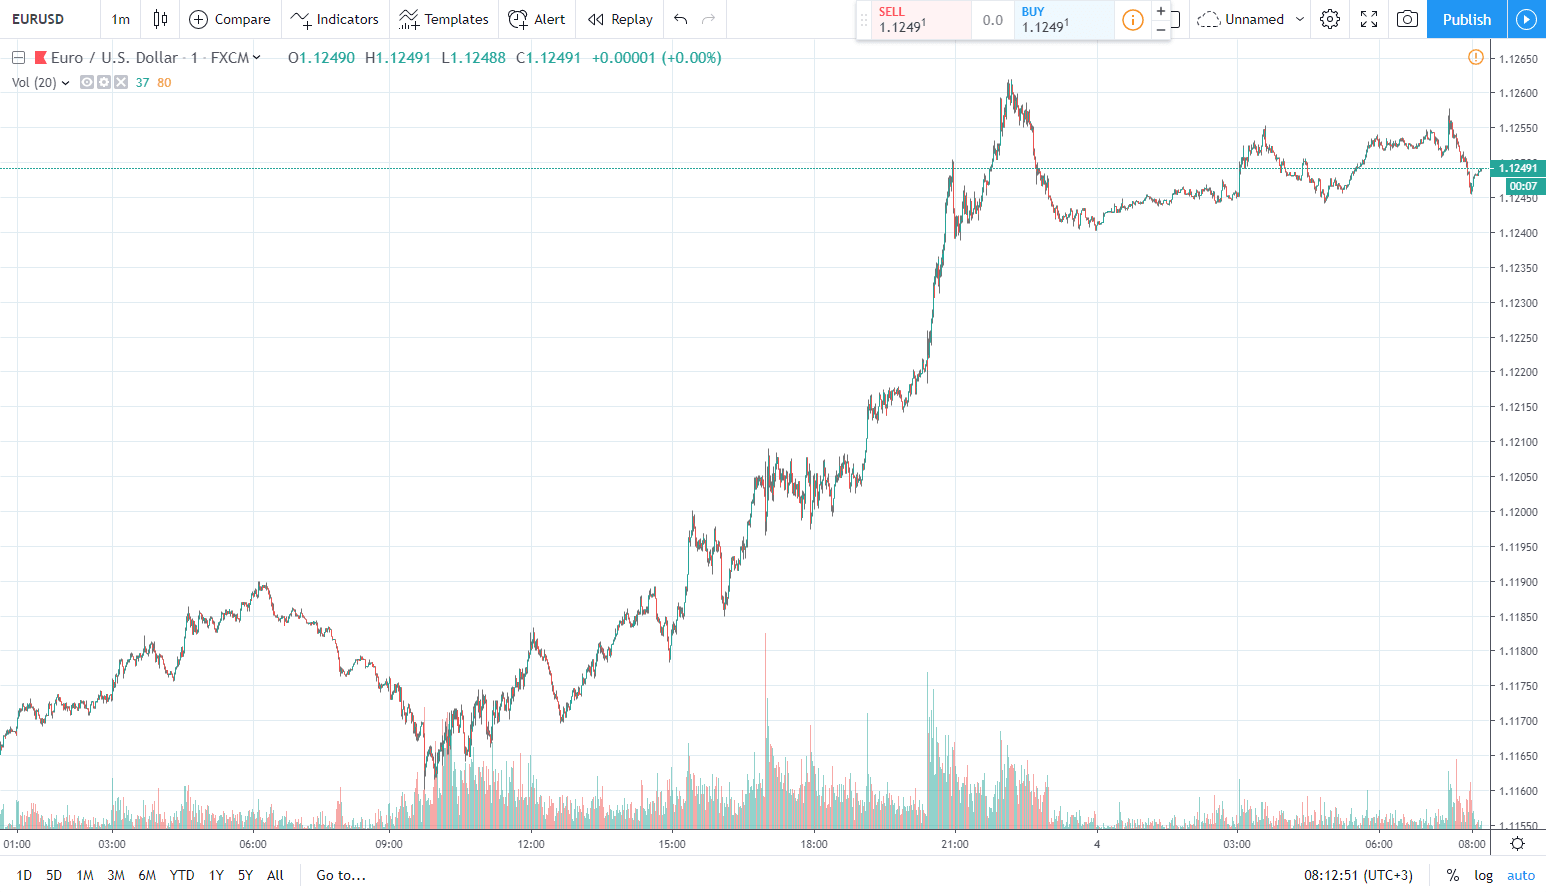 اليورو مقابل الدولار الأميركي 4.06.2019